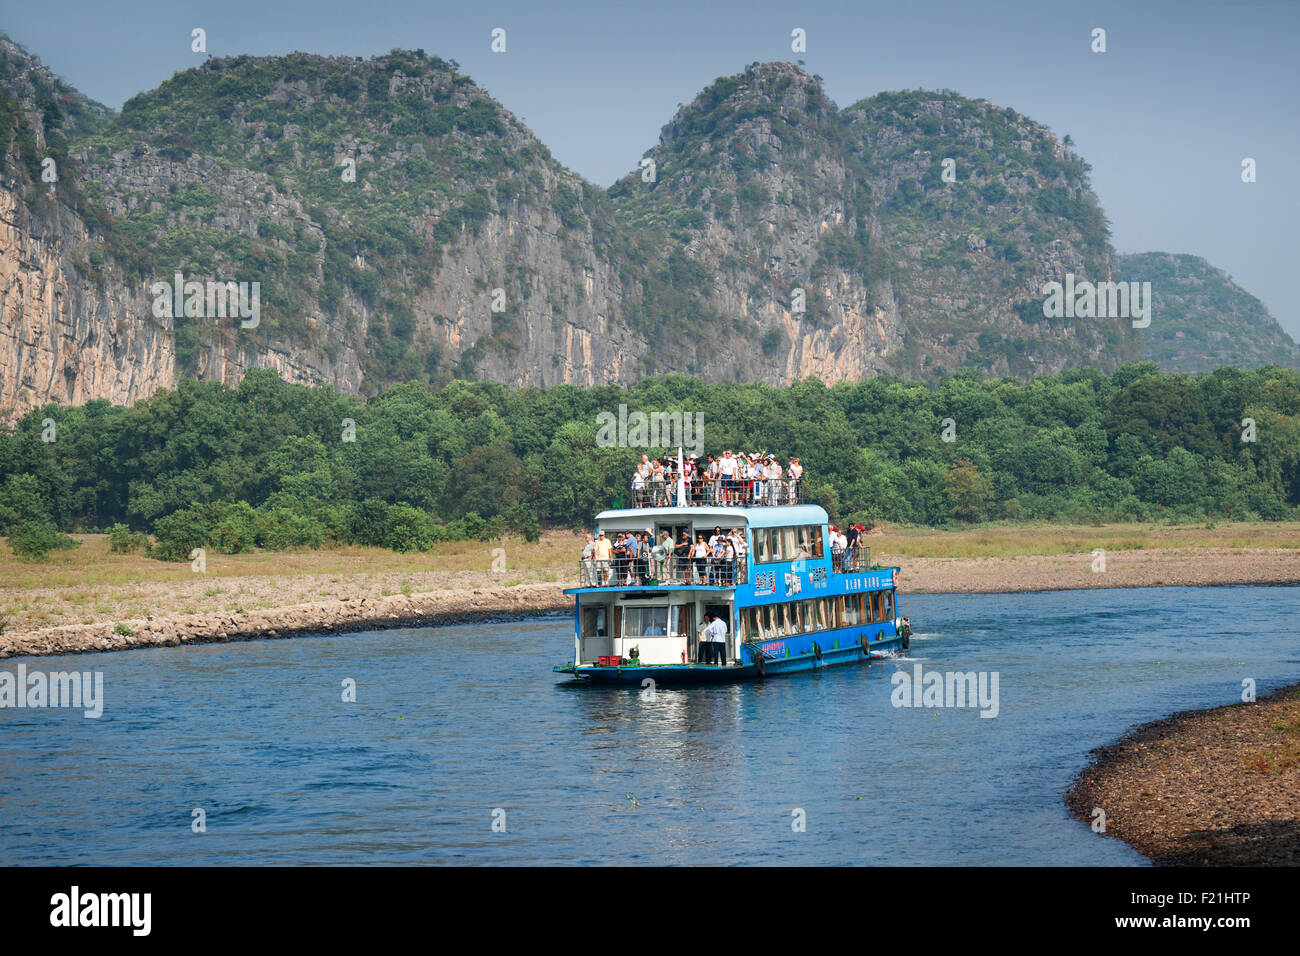 Li River cruise, Guilin to Yangshuo, China, Asia Stock Photo